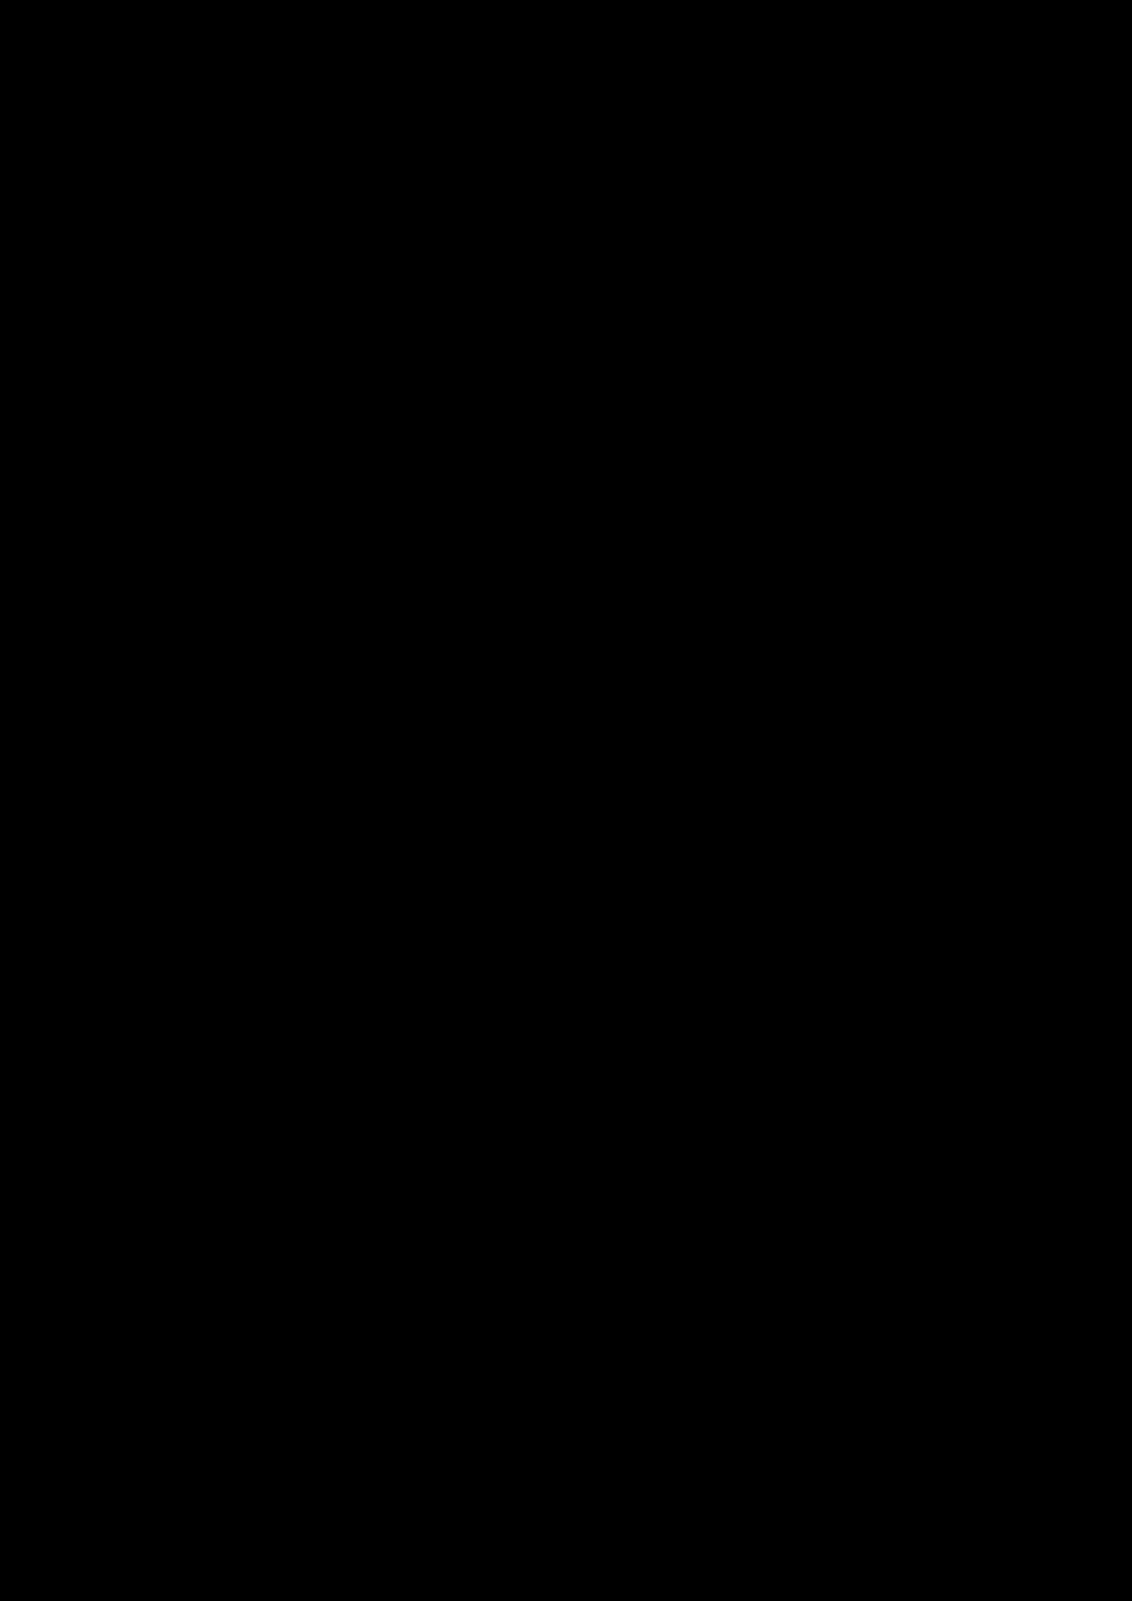 Proschanie s volshebnoy stranoy slide, Image 69